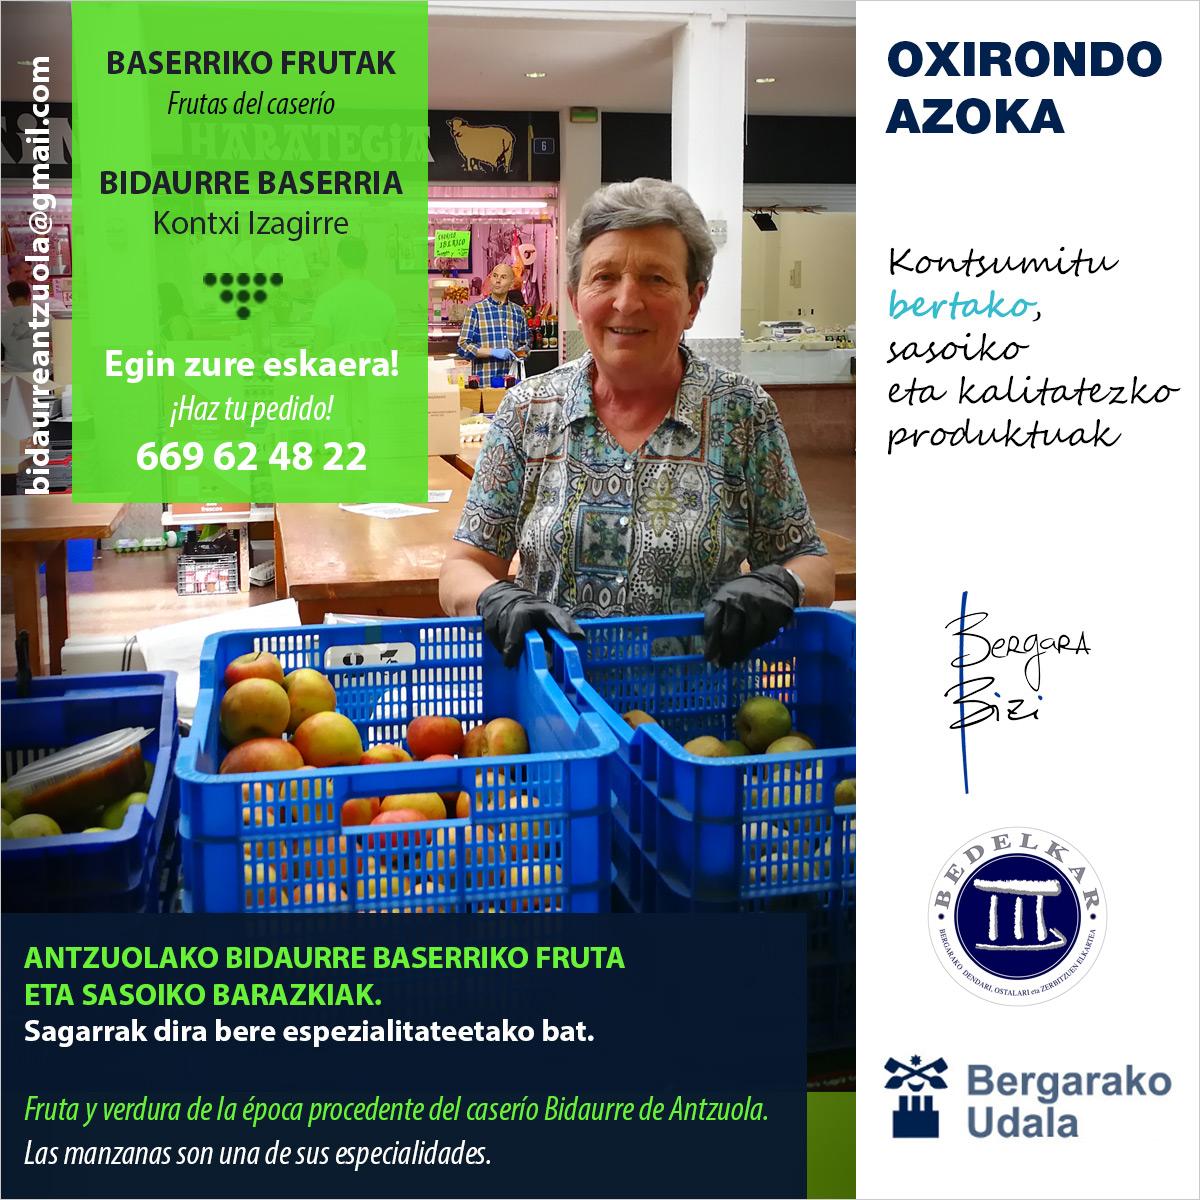 te redirigimos a la ficha que el caserío Bidaurre tiene en el mercado de Oxirondo de Bergara